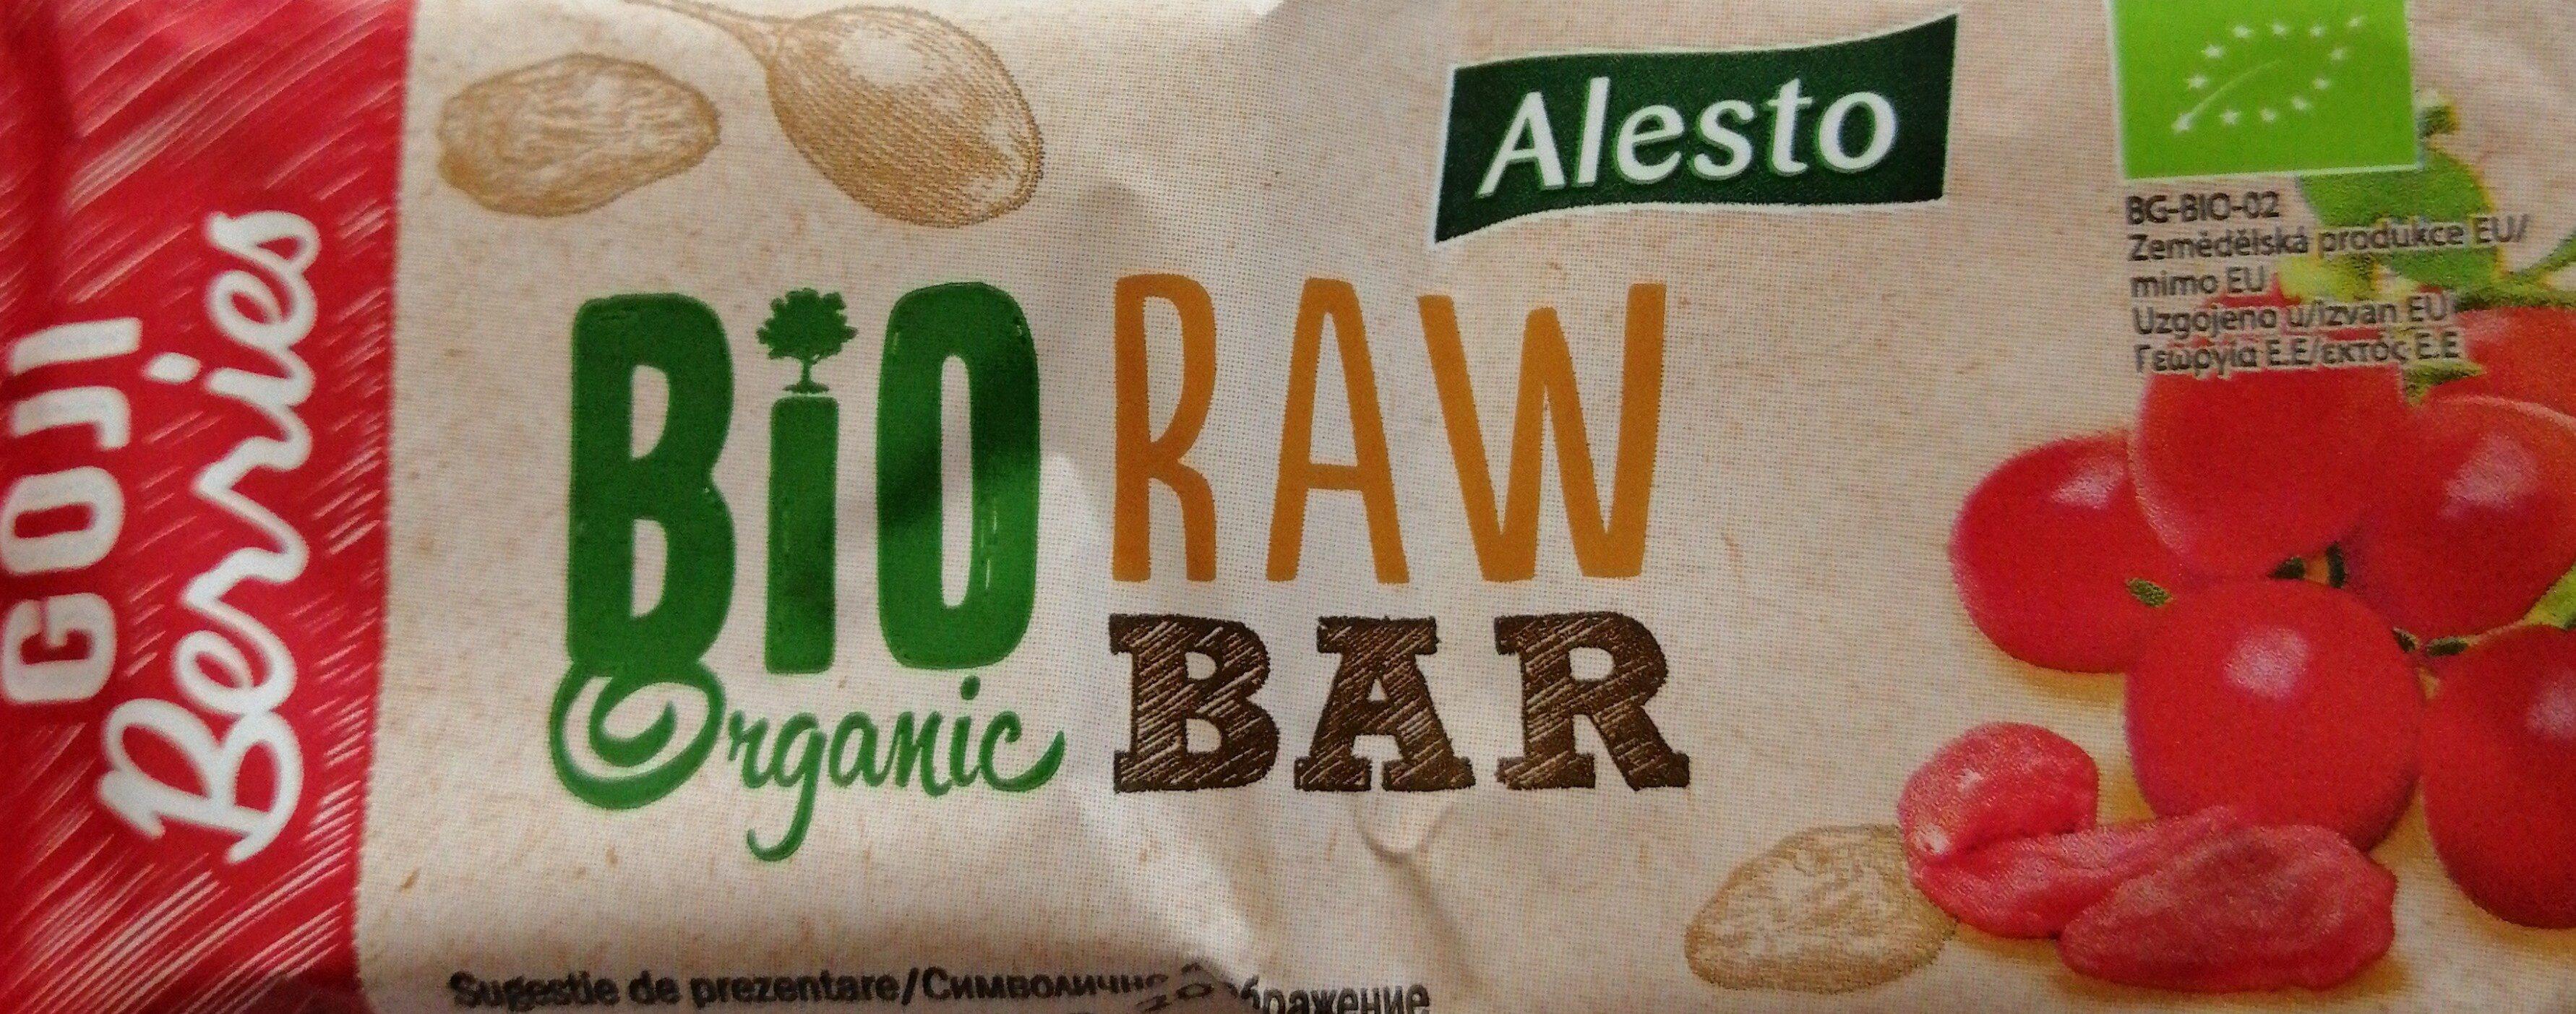 Bio raw bar - Product - en